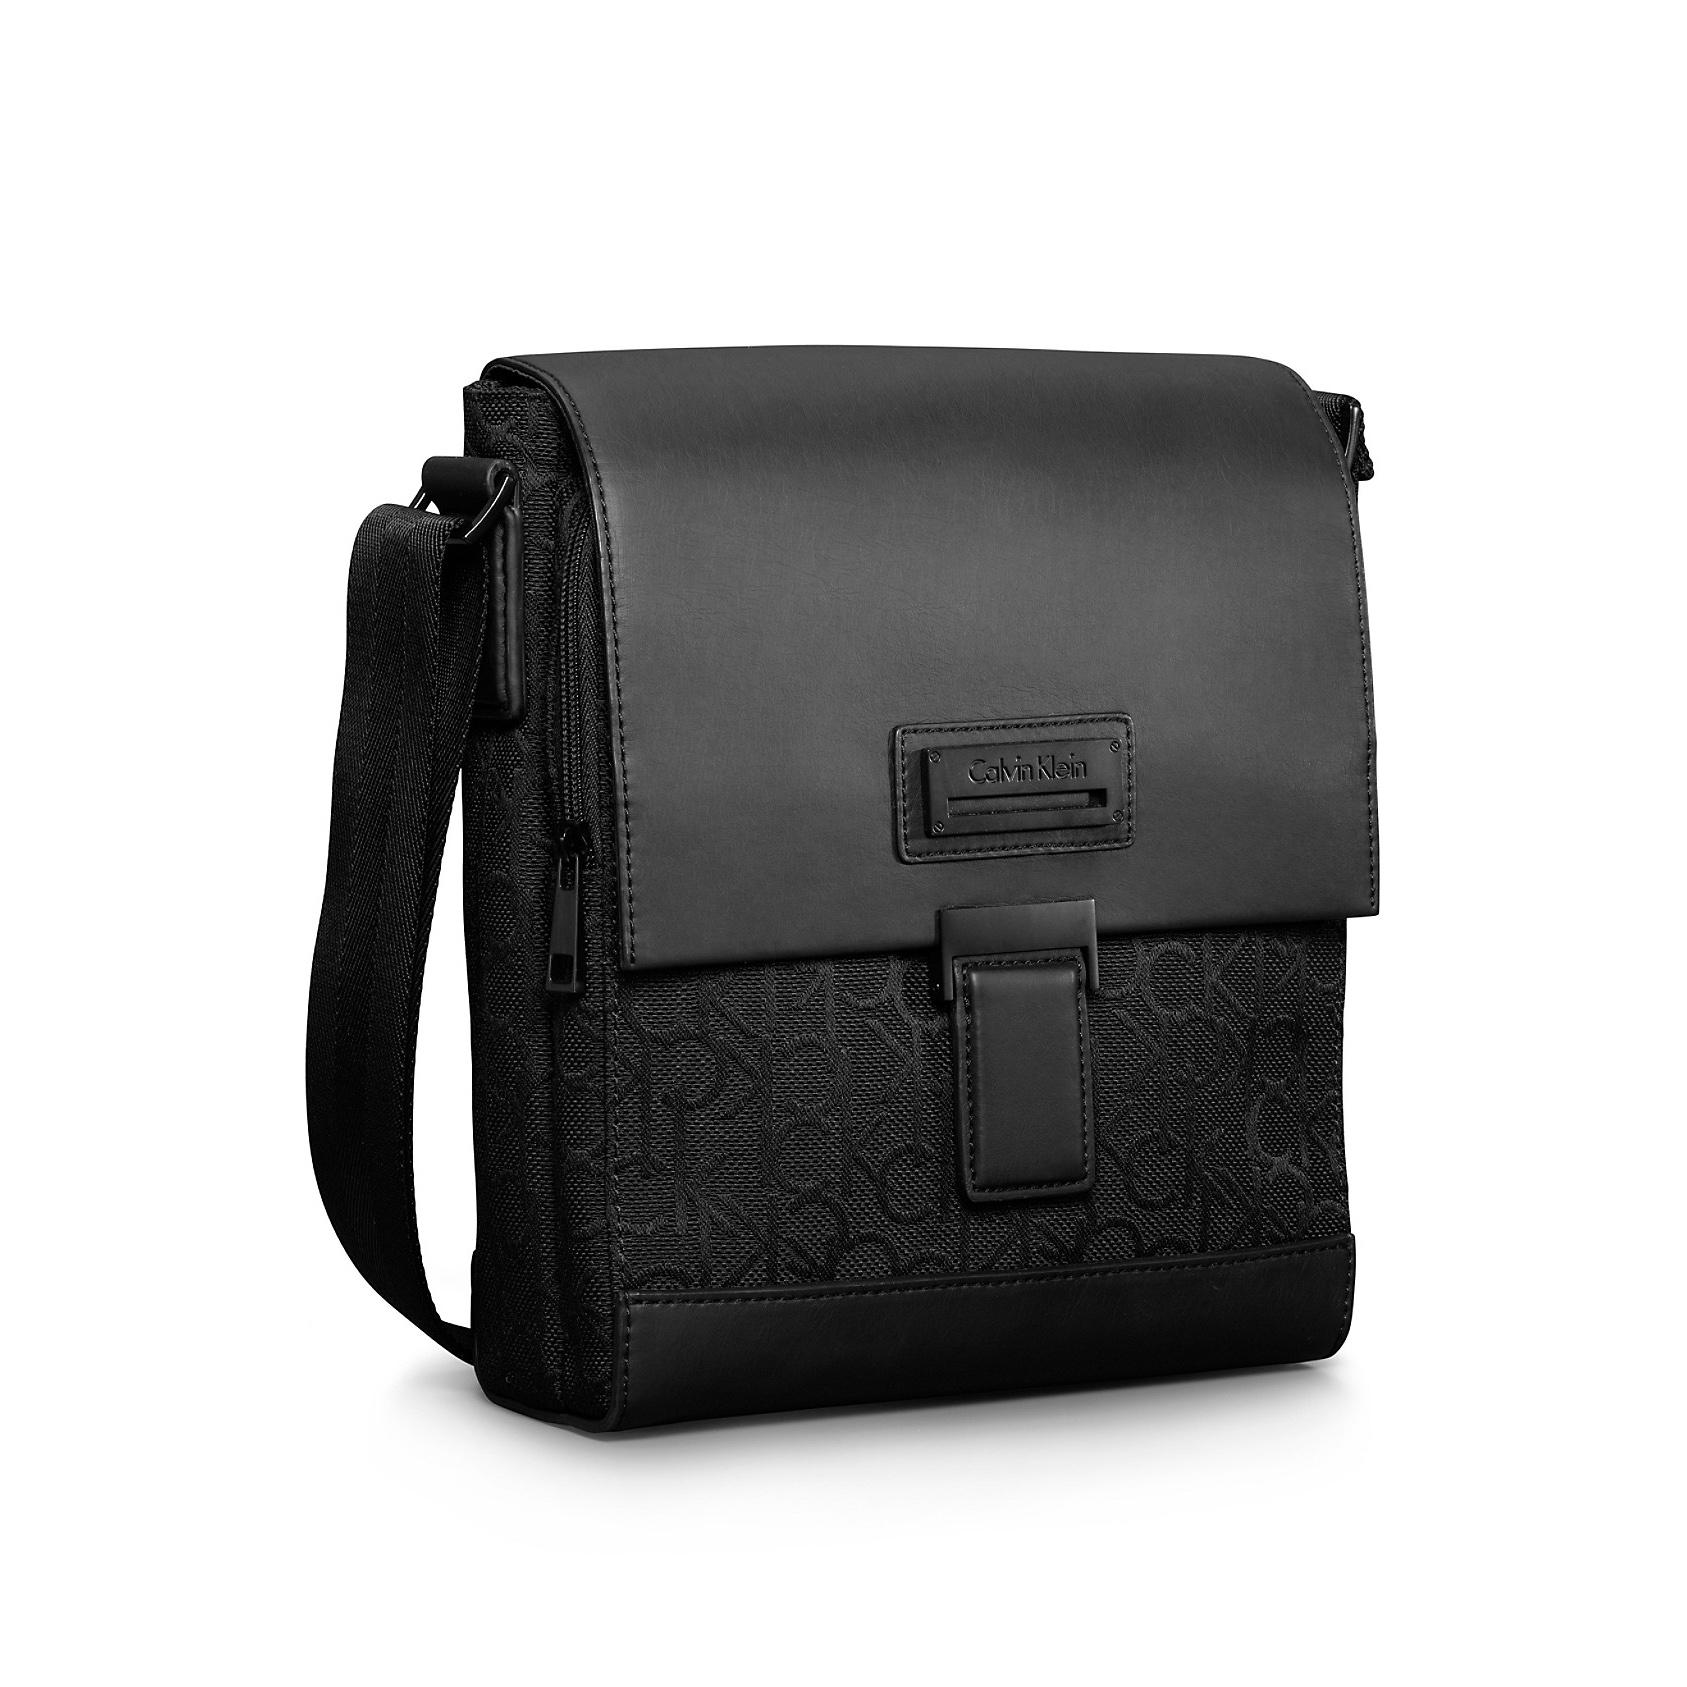 美國百分百【全新真品】Calvin Klein CK 皮質 公事包 肩背包 飛行包 郵差包 側背包 黑色 F434